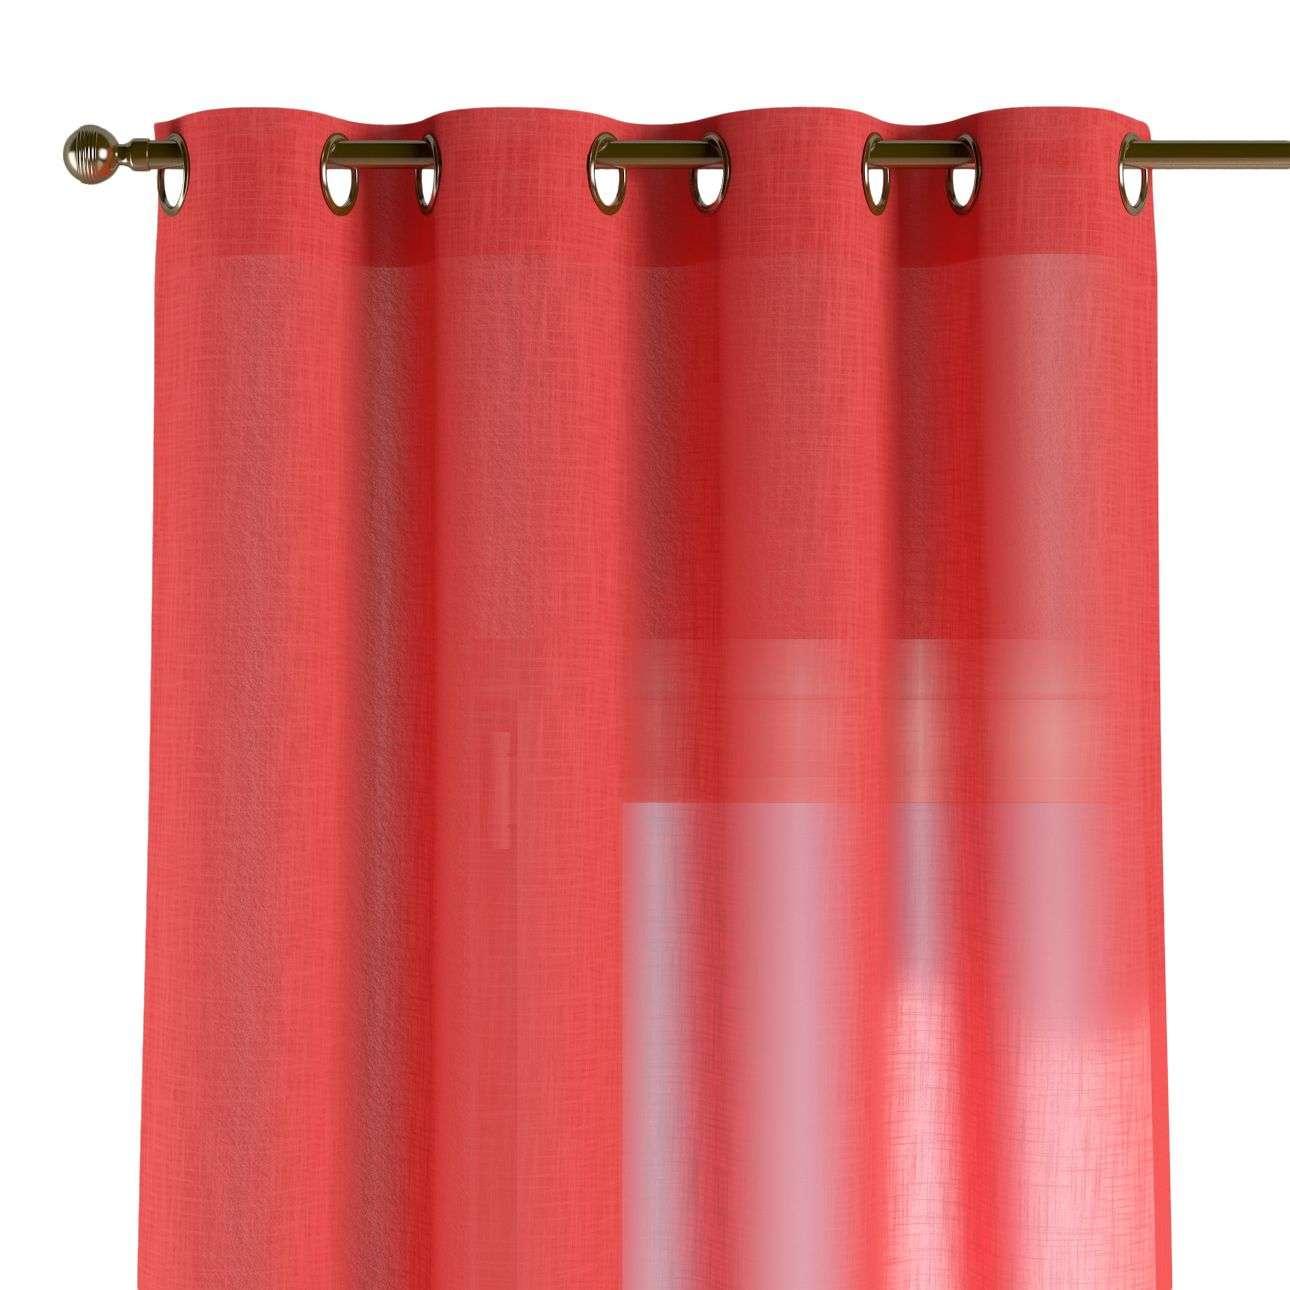 Gardin med øskner 130 x 260 cm fra kollektionen Romantik, Stof: 128-02